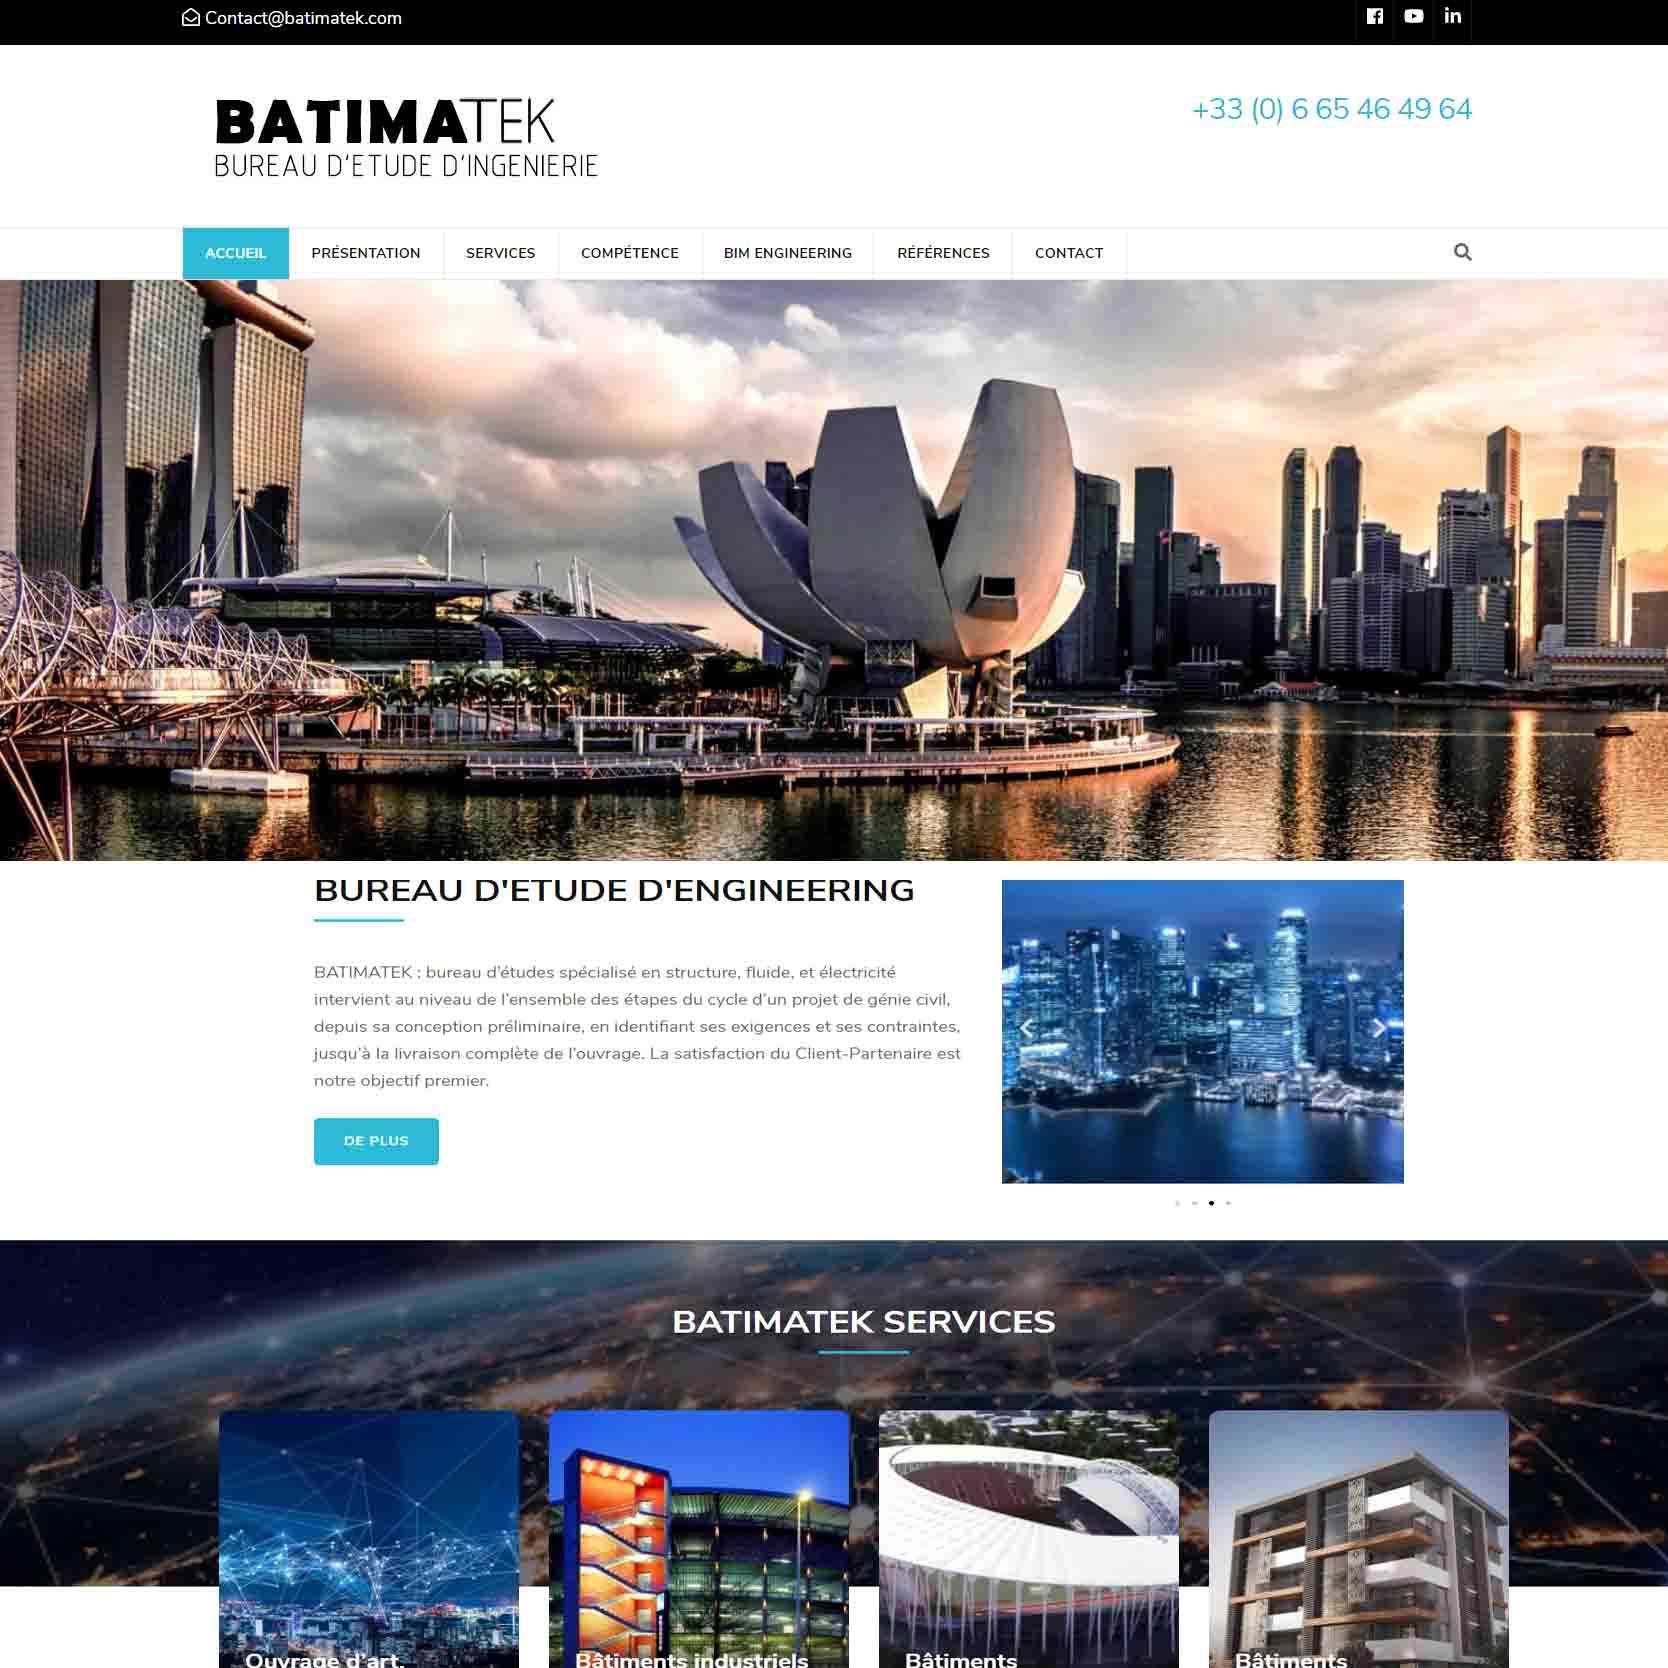 www.Batimatek.com